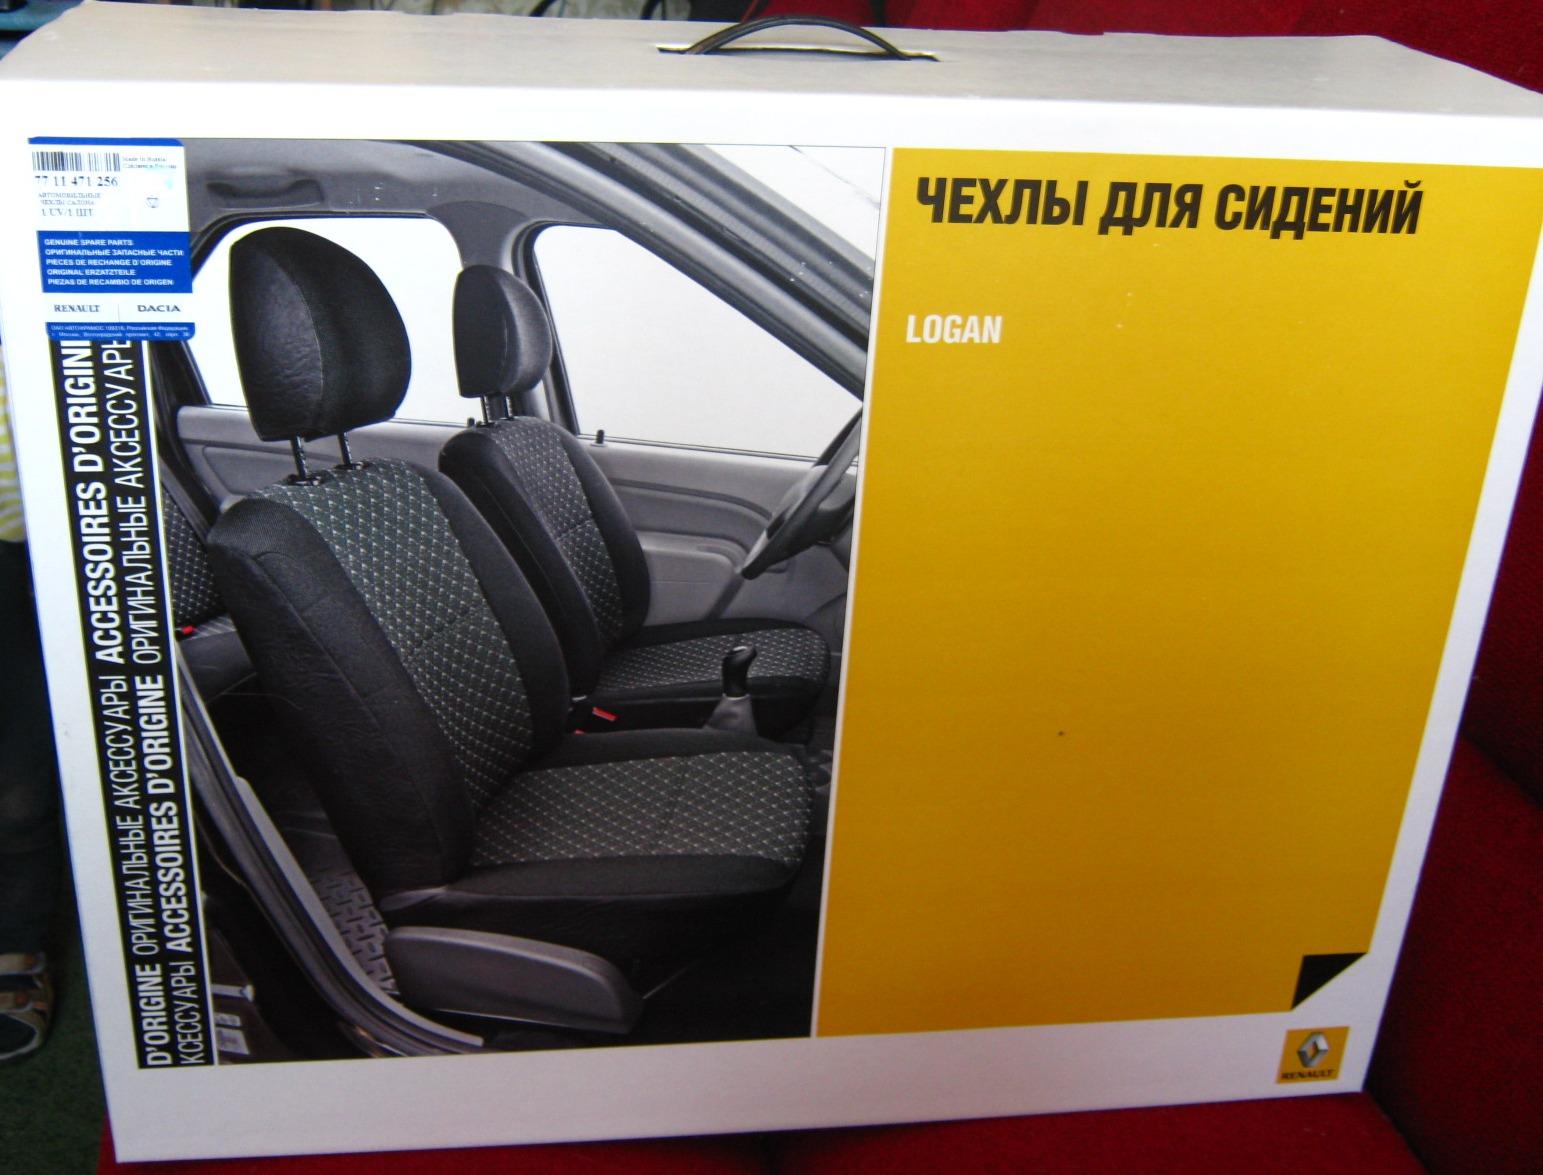 Чехлы на сиденья для Renault Logan - BestParts ru